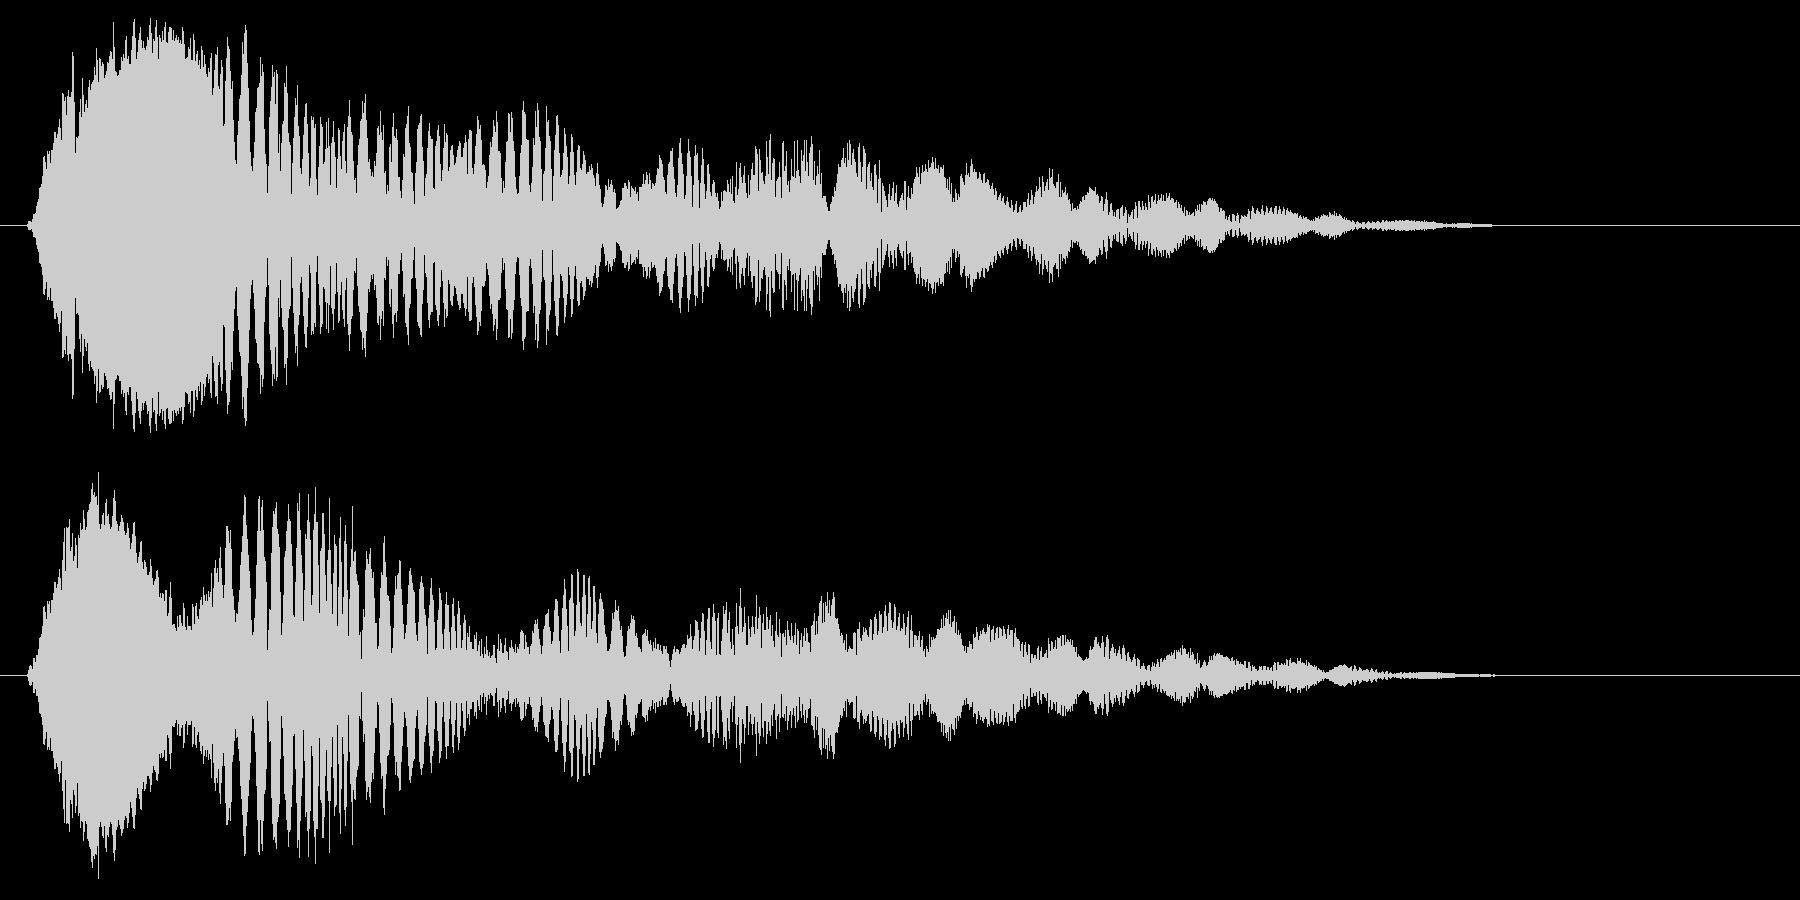 ピリピョ〜ン、ピョ〜ン(コミカル効果音)の未再生の波形